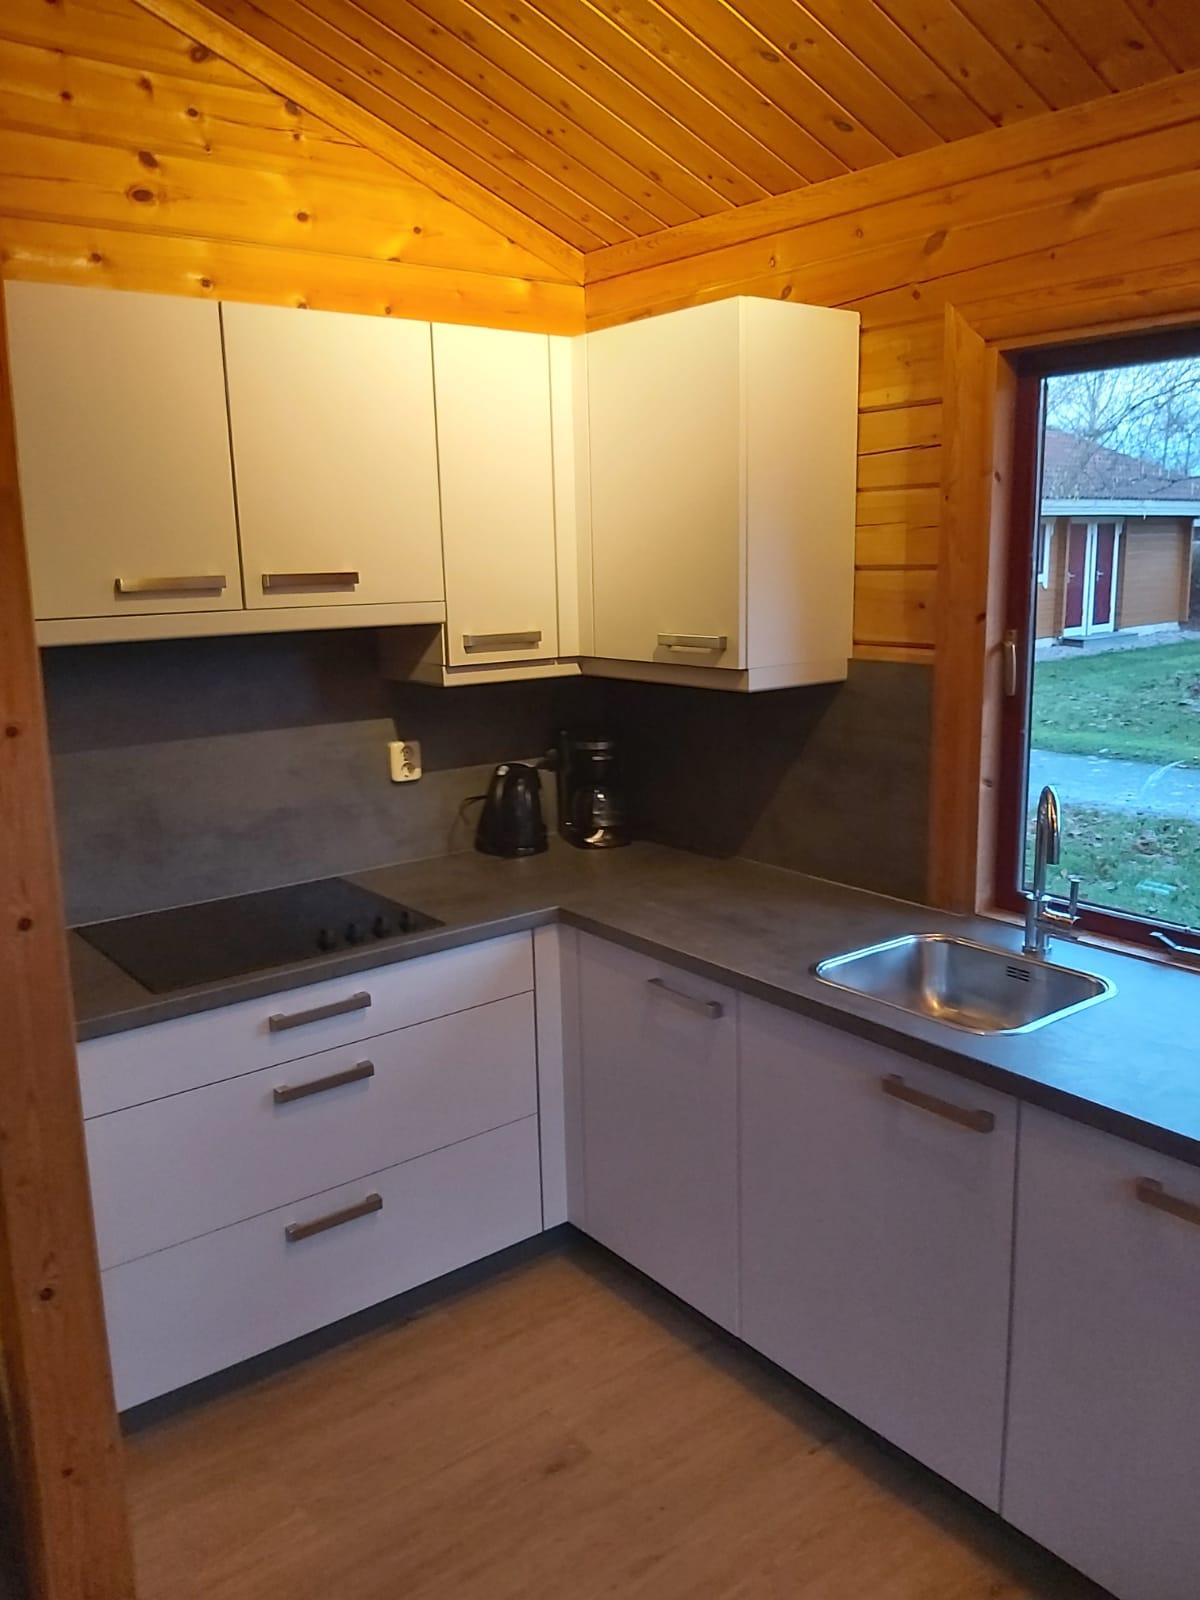 Keuken - houten huisje